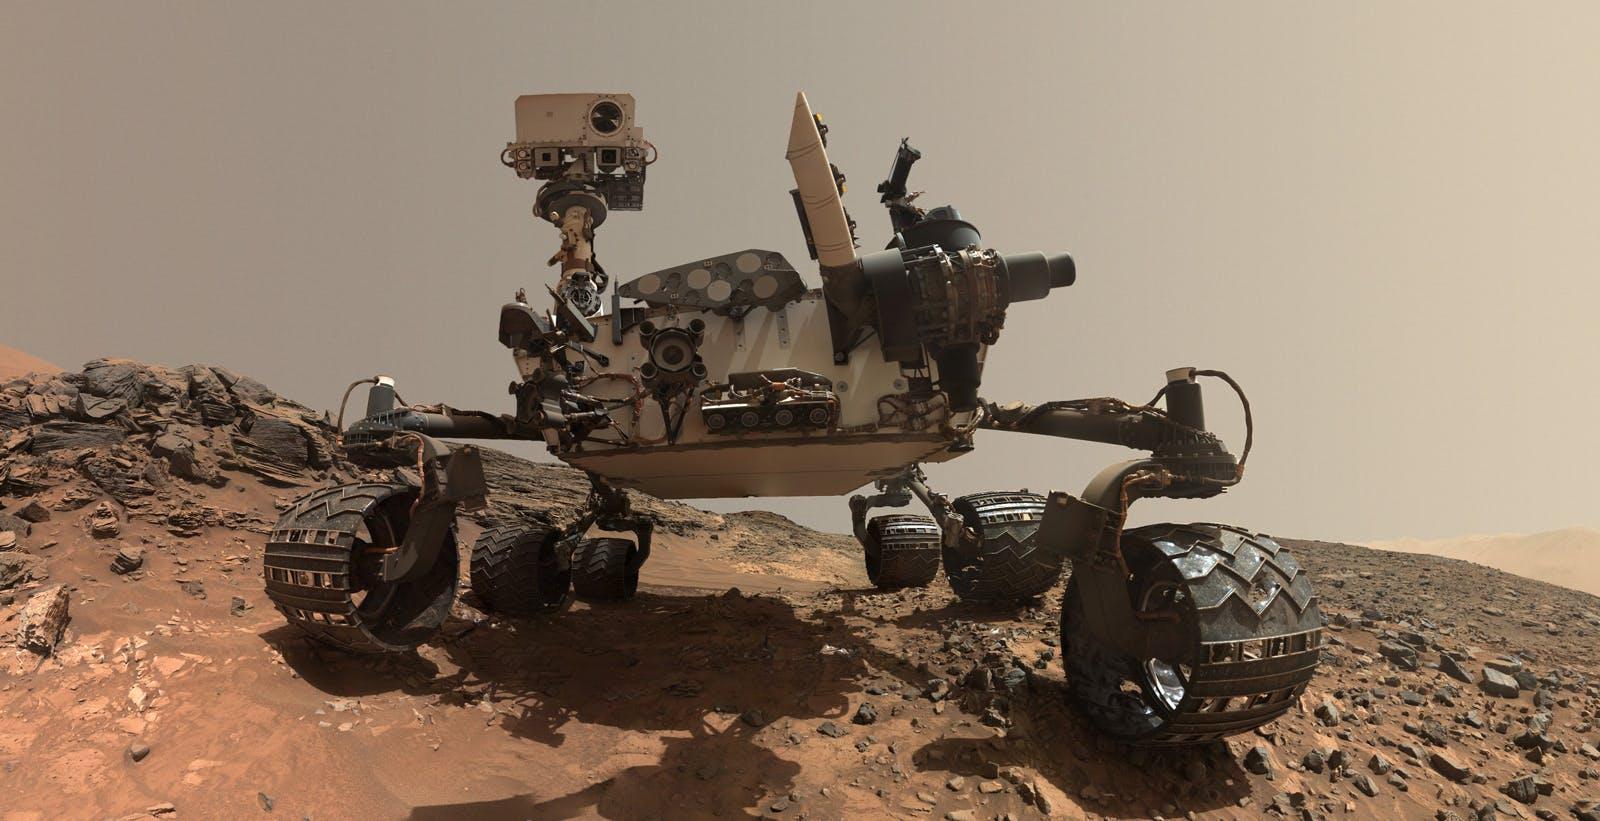 Marte venne stravolto da grandi alluvioni 4 miliardi di anni fa